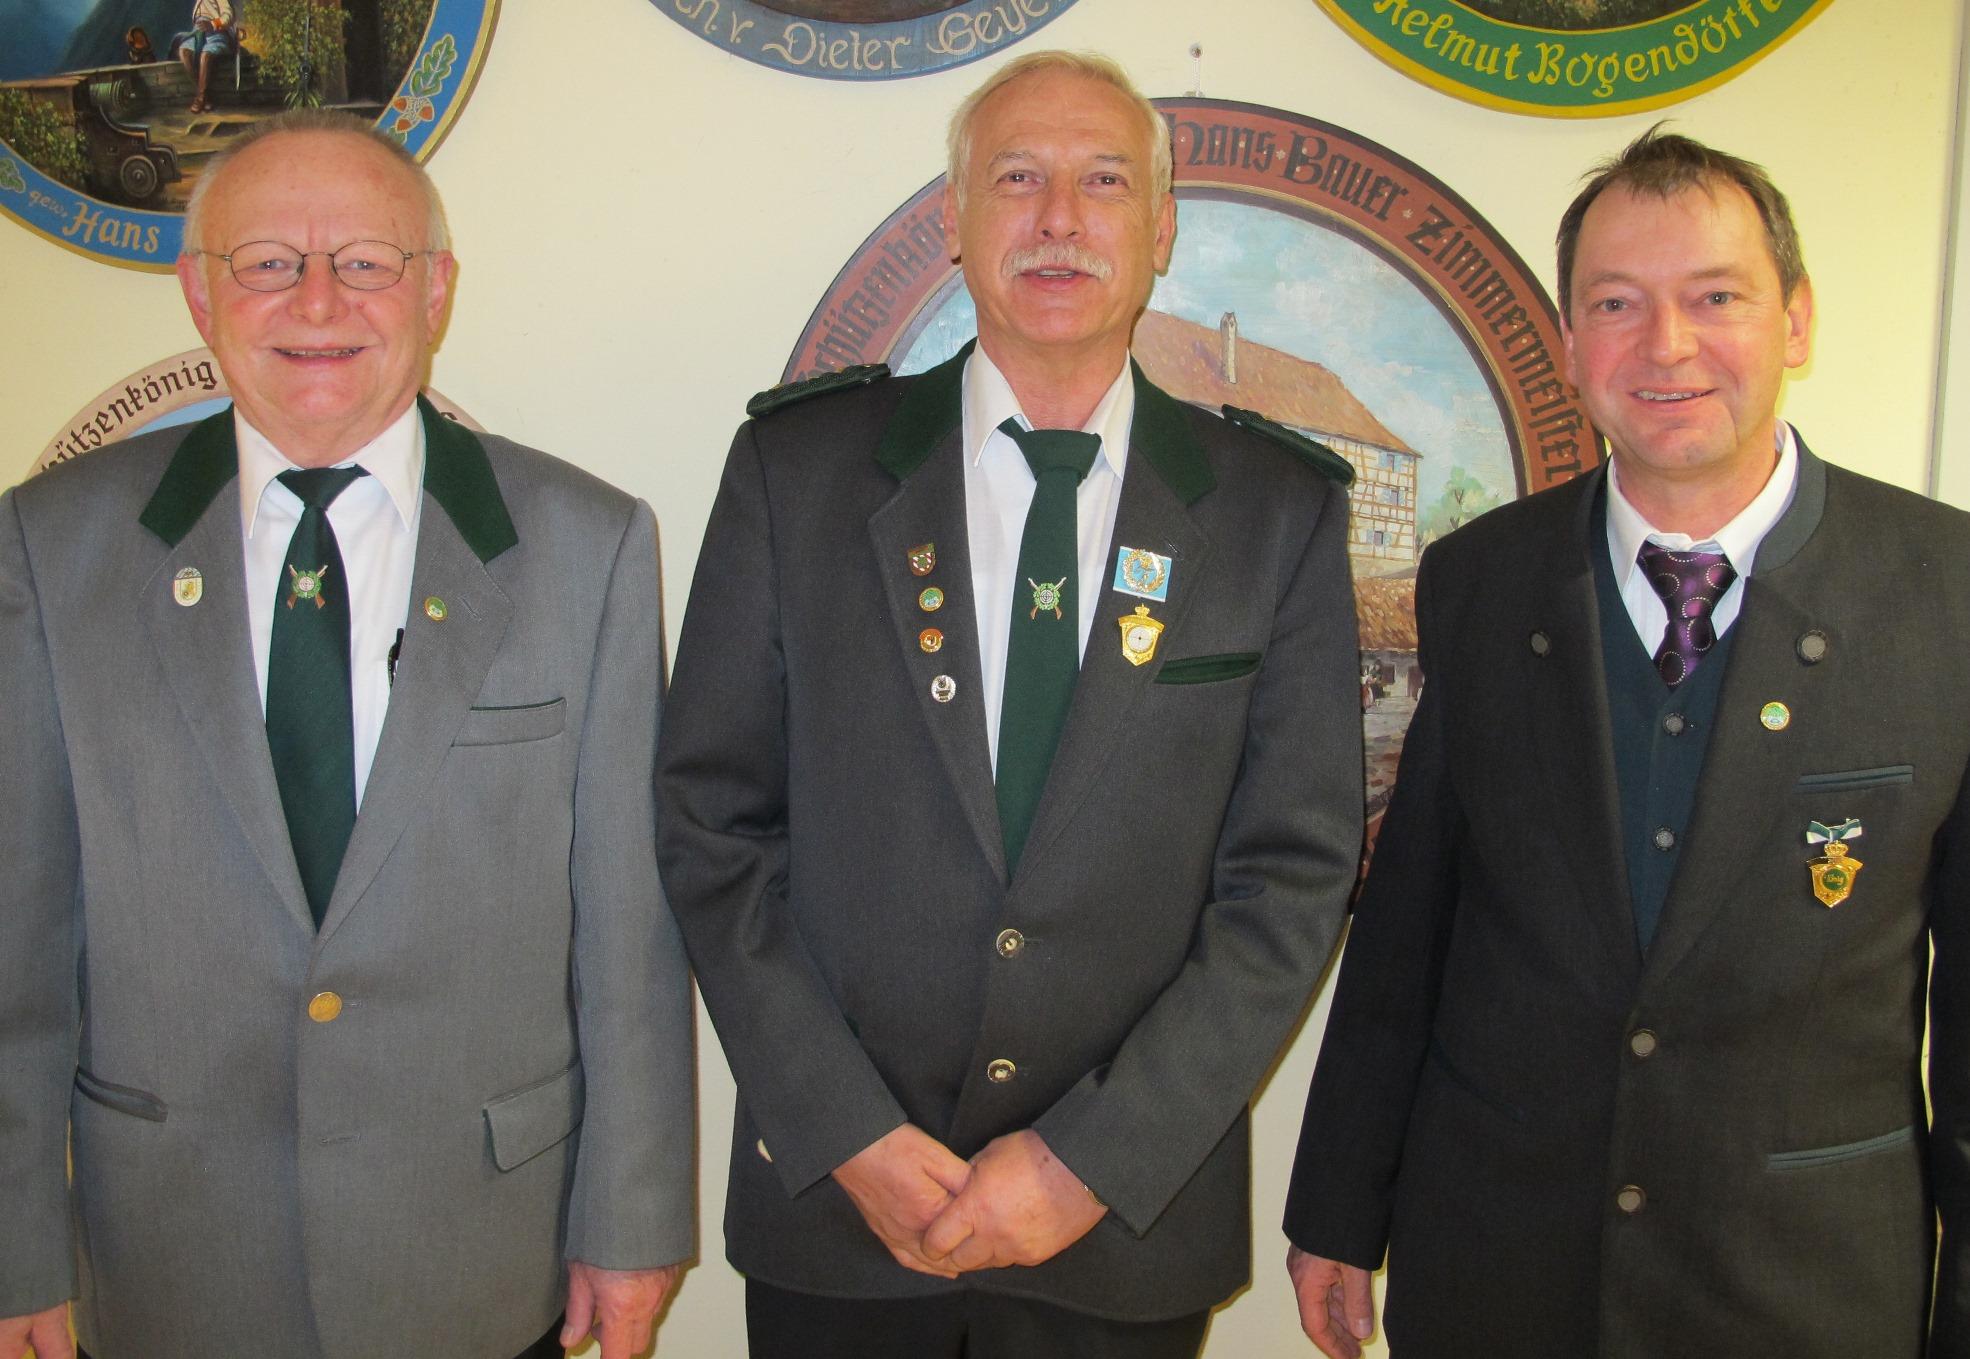 Gerhard Hollweck, Herbert Spiegel und Peter Schöner